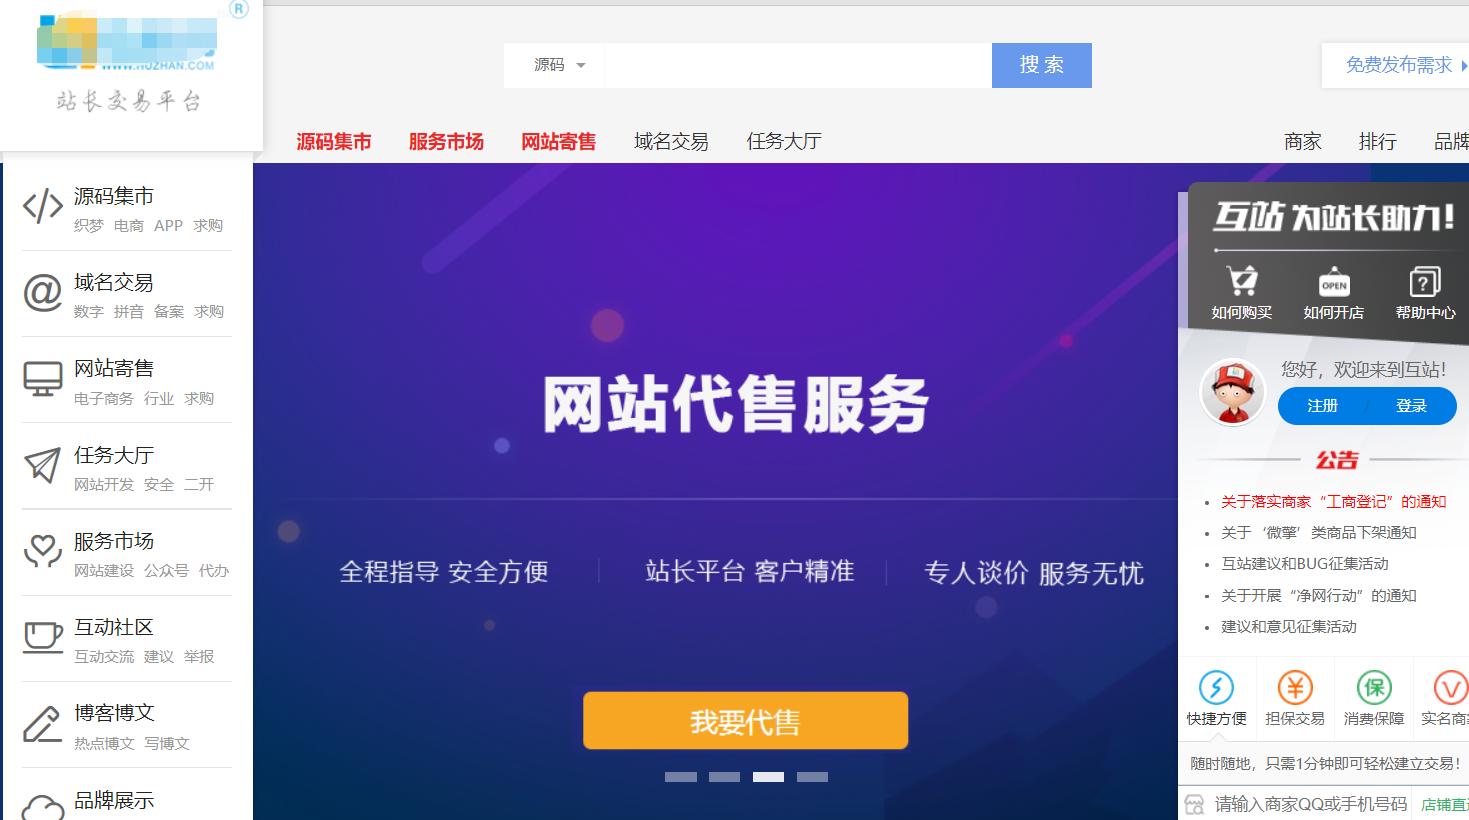 虚拟产品网站交易图